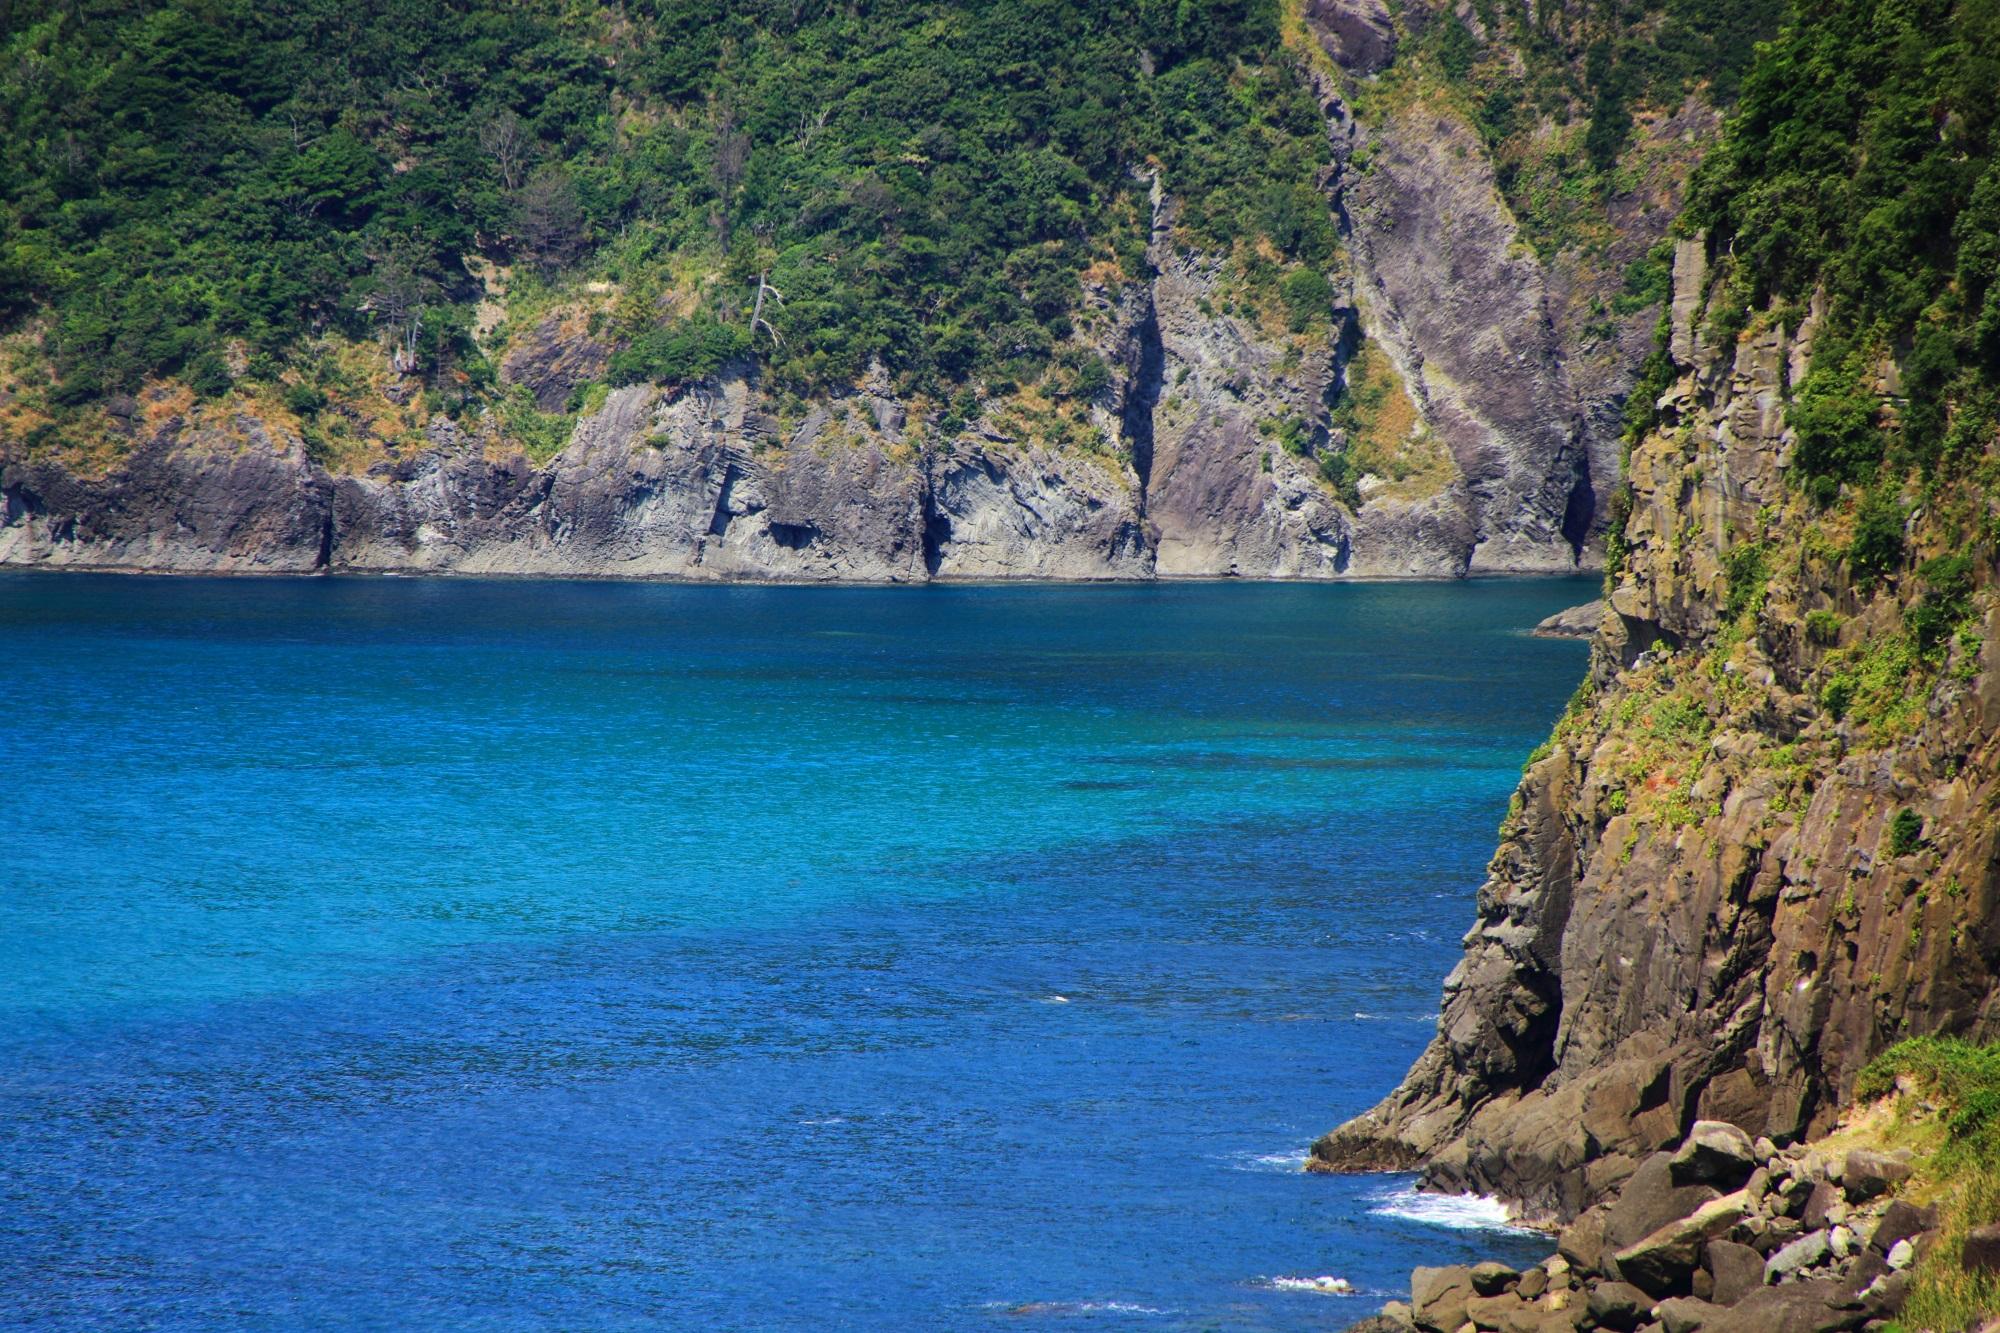 犬ヶ岬の断崖絶壁に囲まれた見事な青い空間